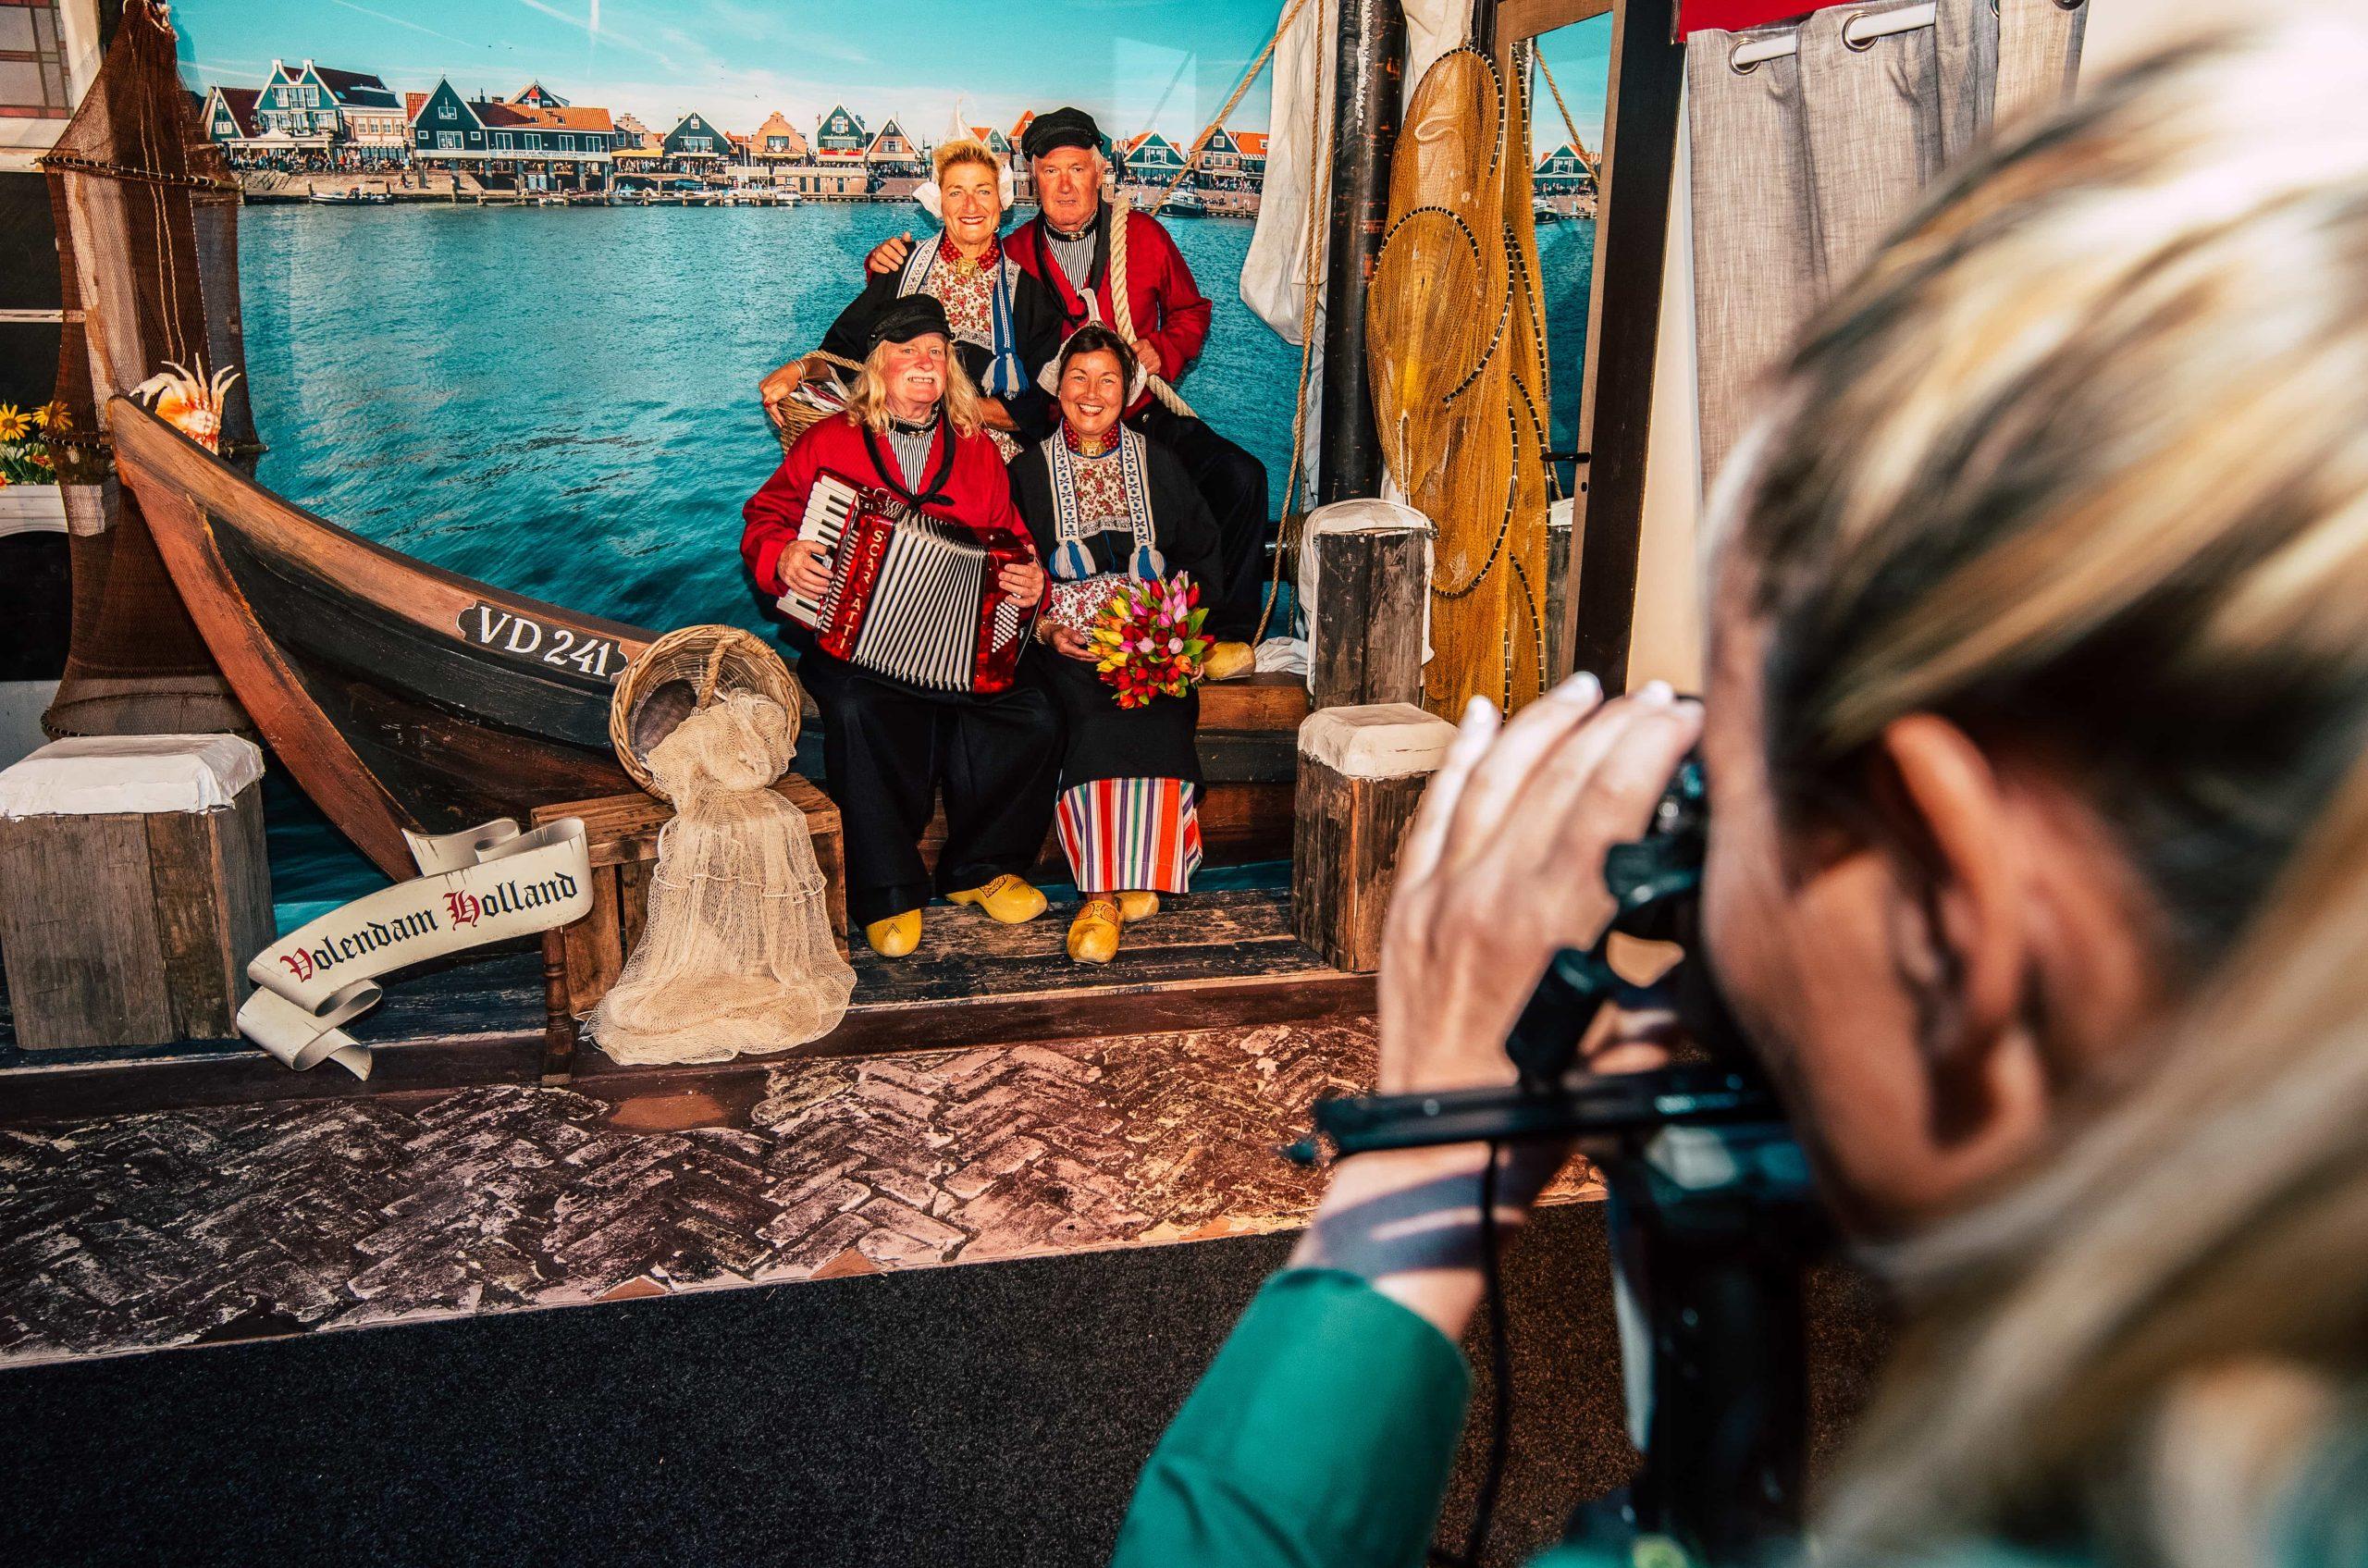 Foto in klederdracht Volendam